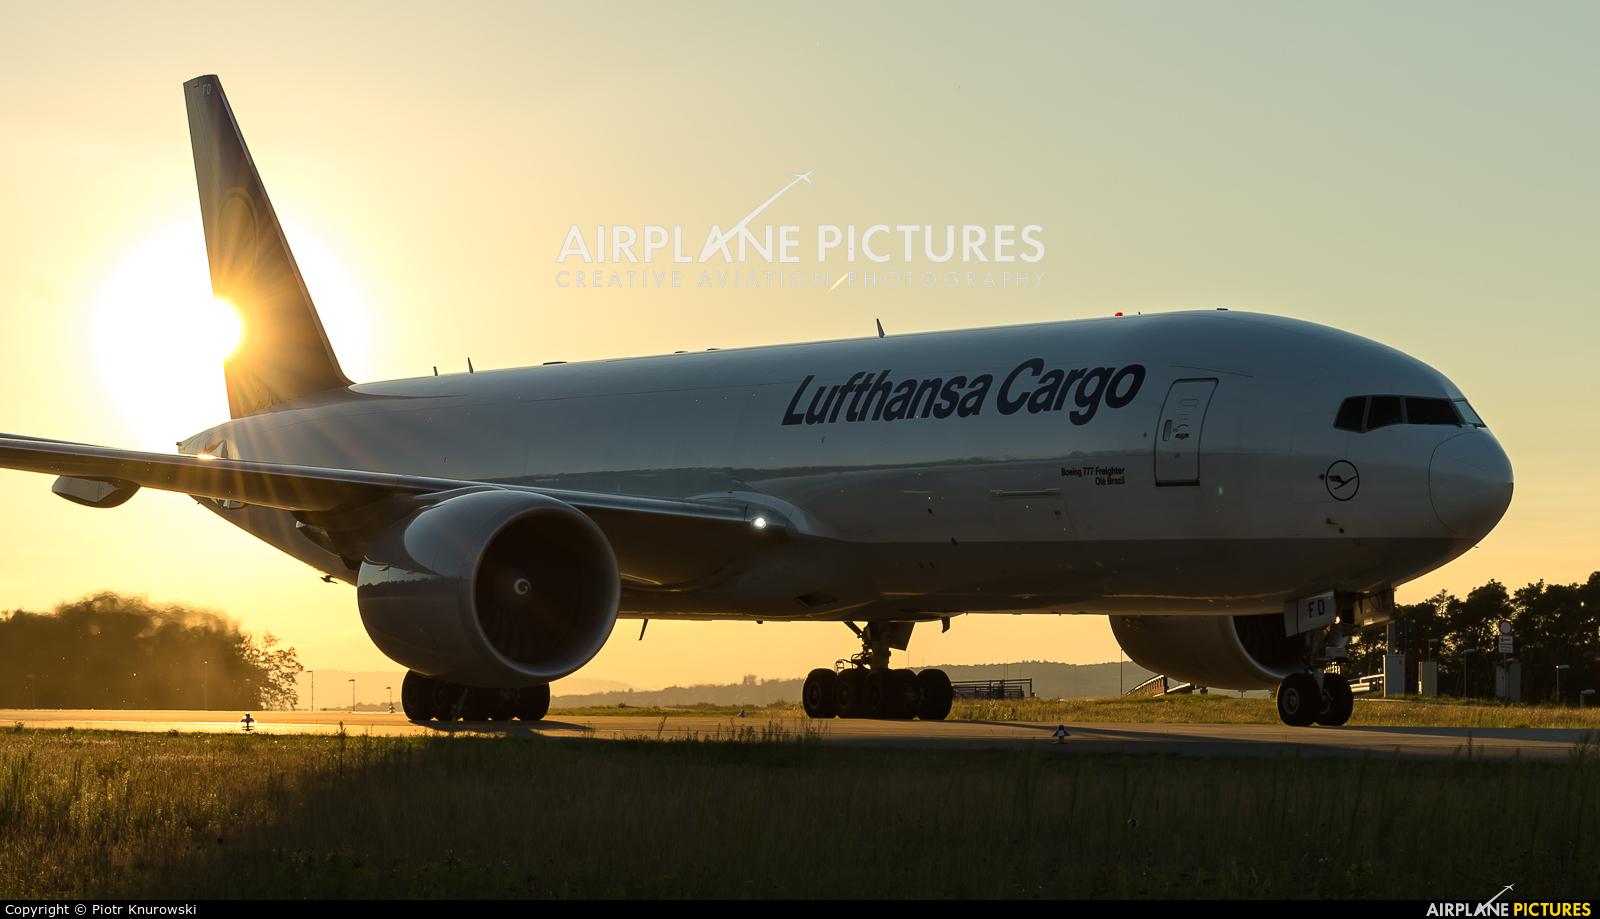 Lufthansa Cargo D-ALFD aircraft at Frankfurt